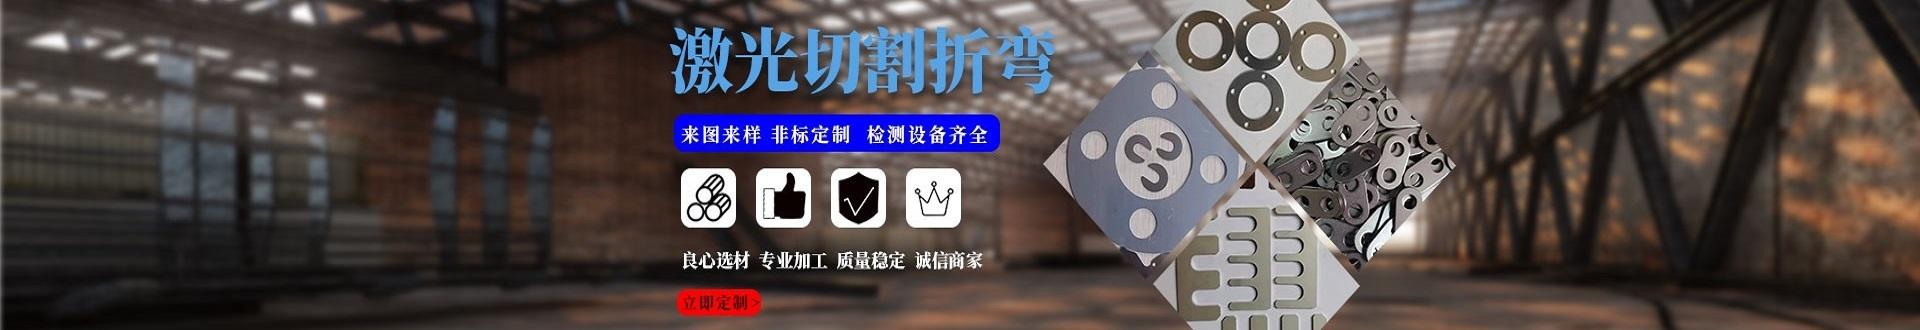 深圳瑞扬金属制品有限公司